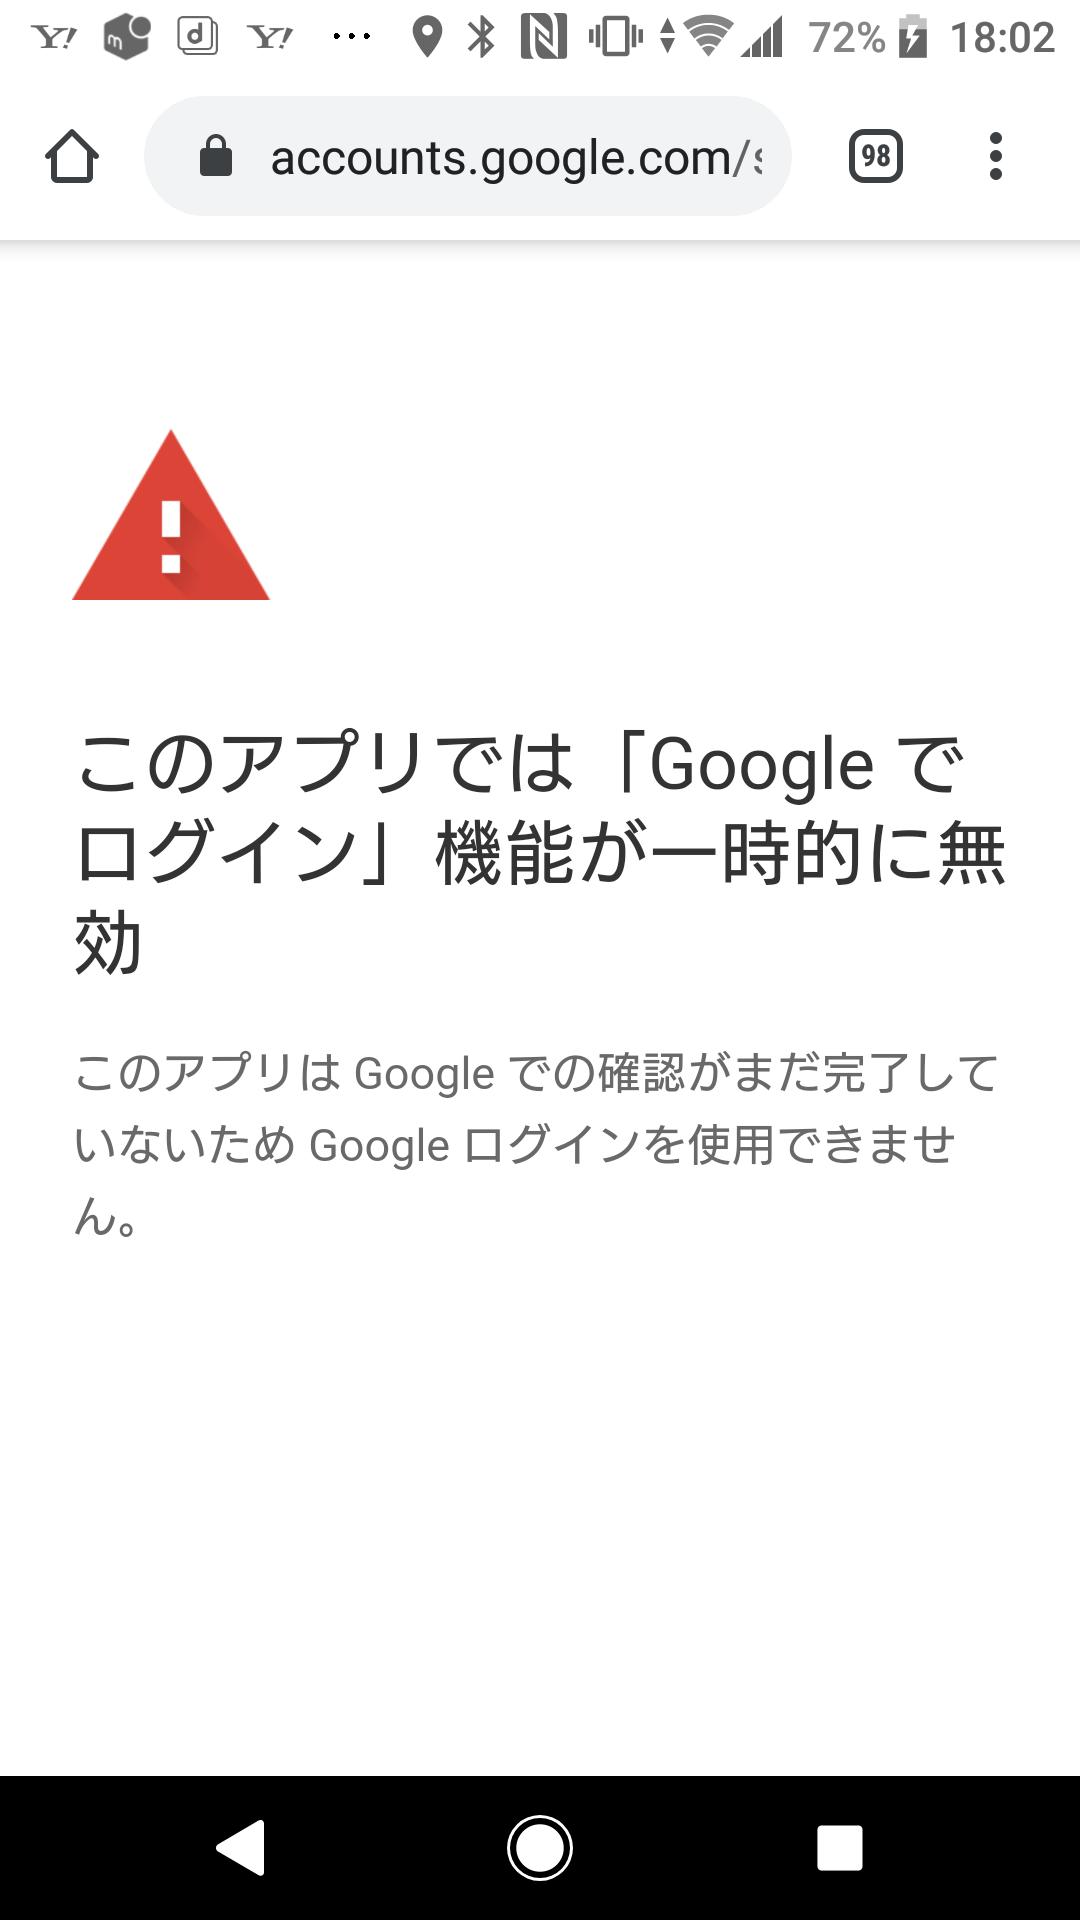 ない できません てい 確認 を 完了 ため は この google アプリ まだ google し の が ログイン で 使用